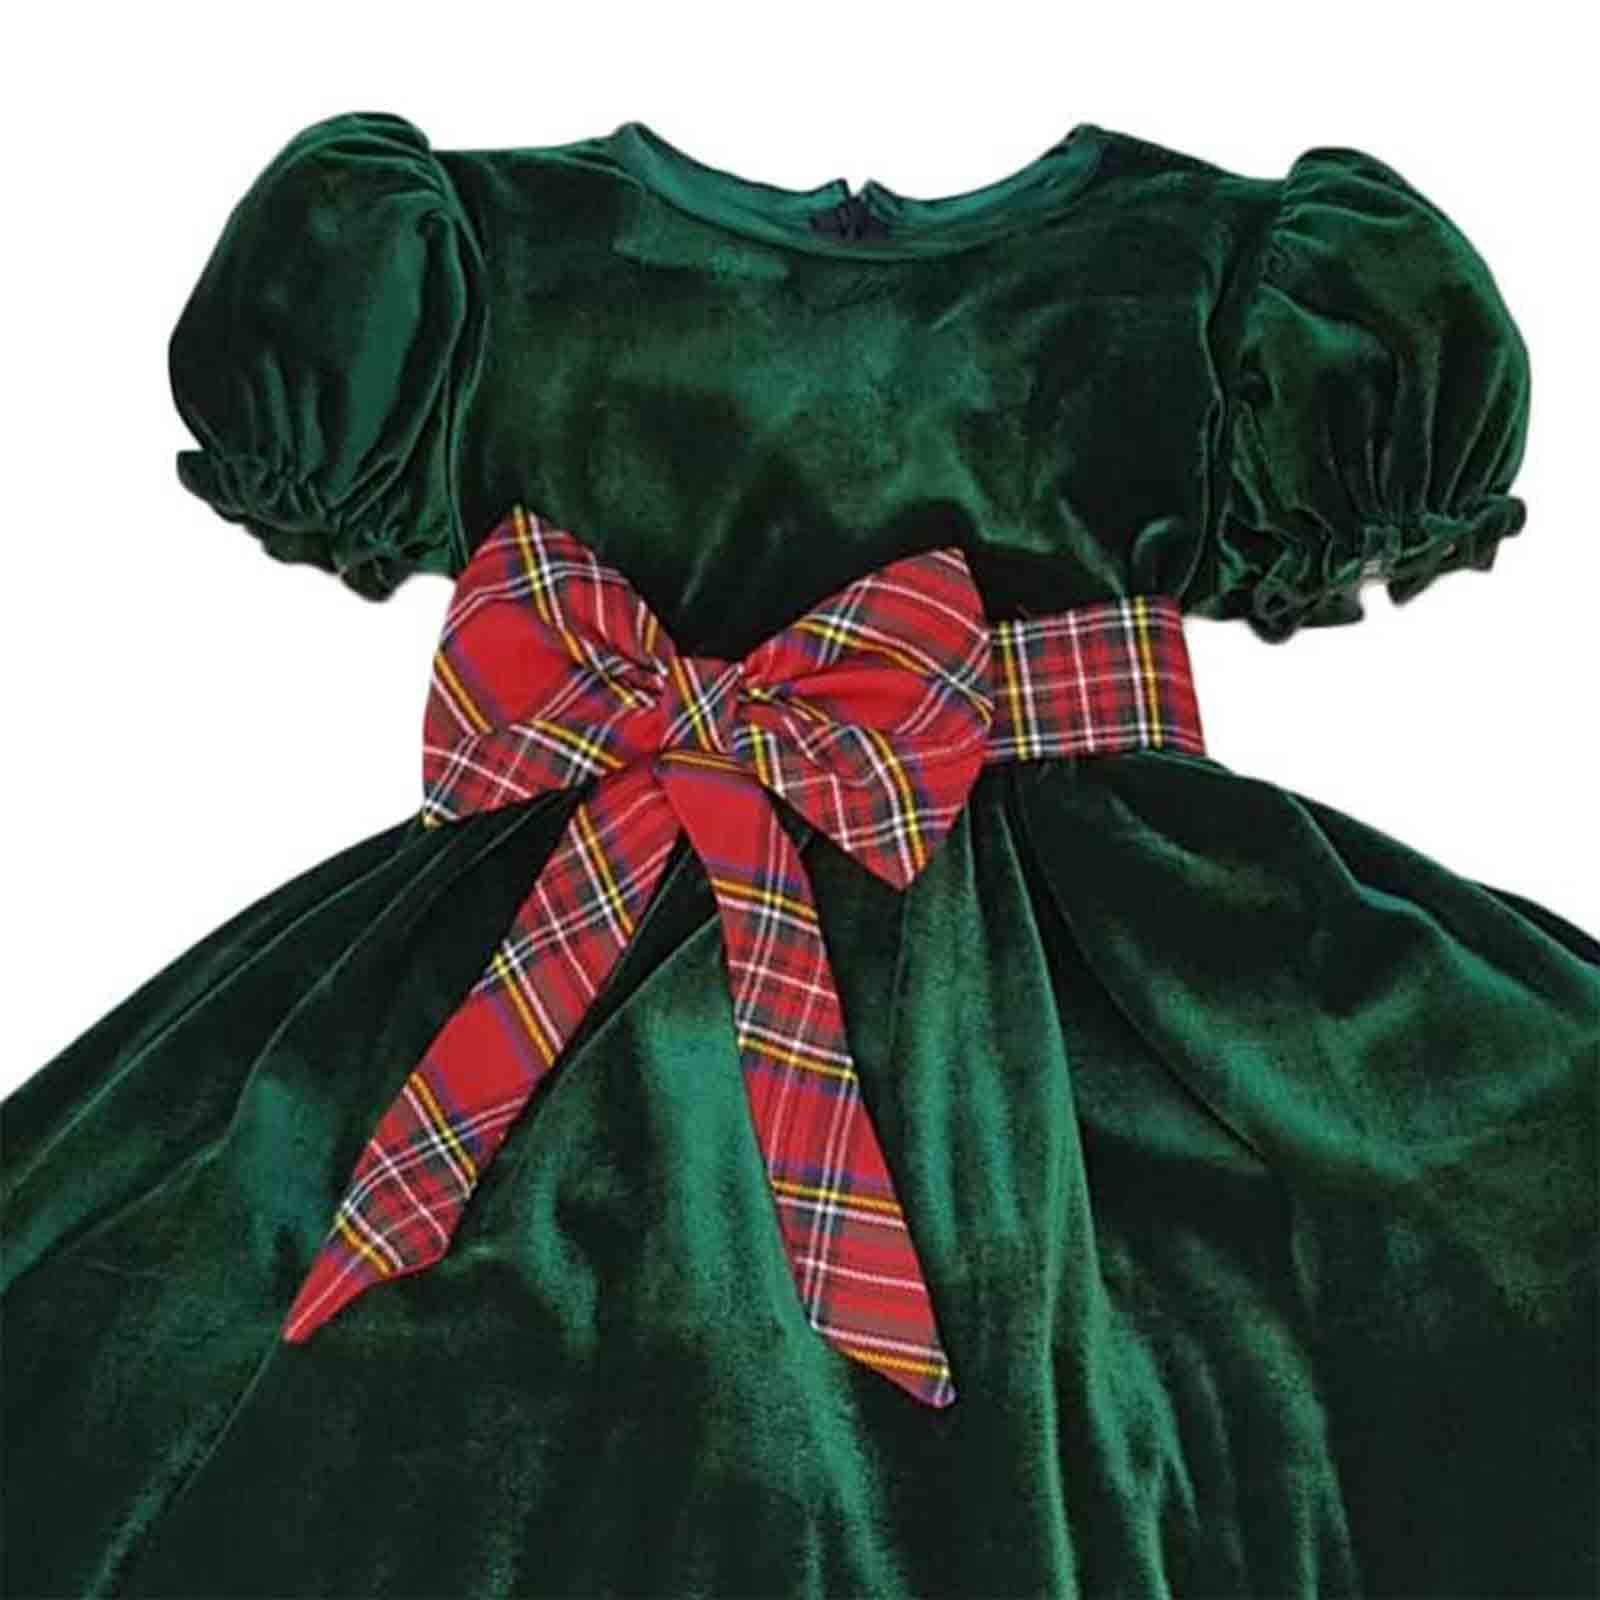 detaliu rochita verde catifea